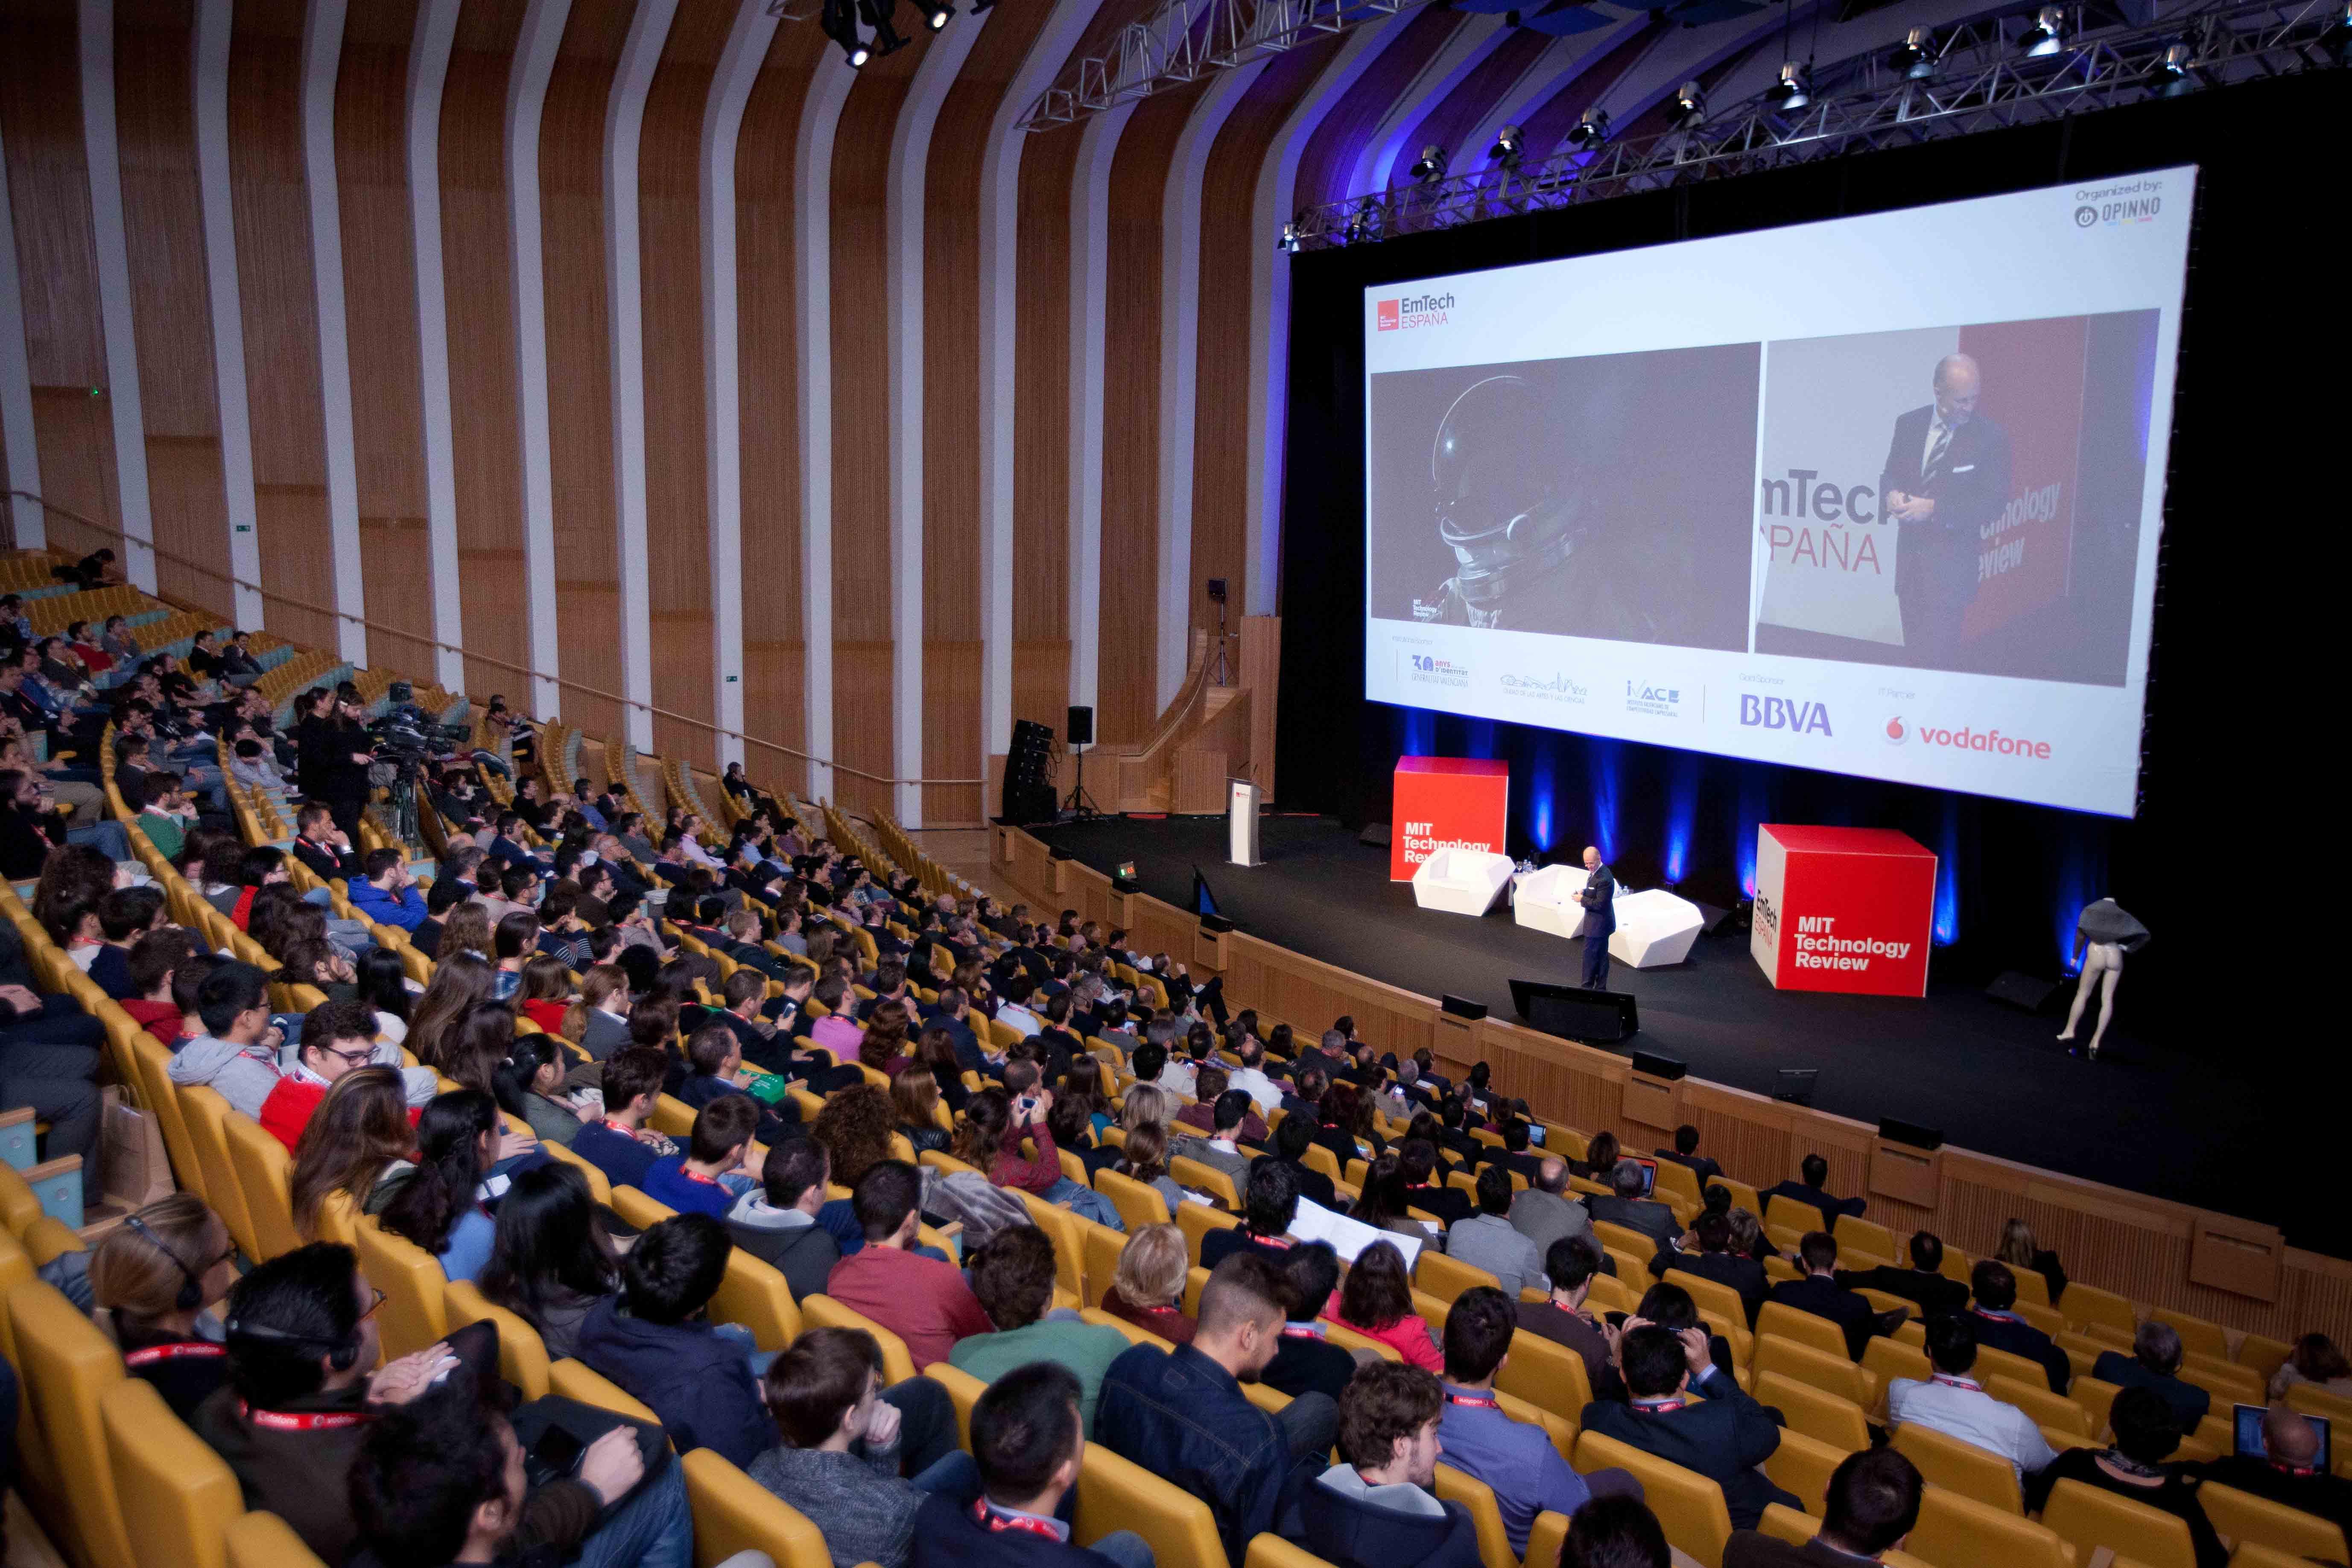 600 personas escucharon a 36 ponentes en el Palau de les Arts Reina Sofía de Valencia